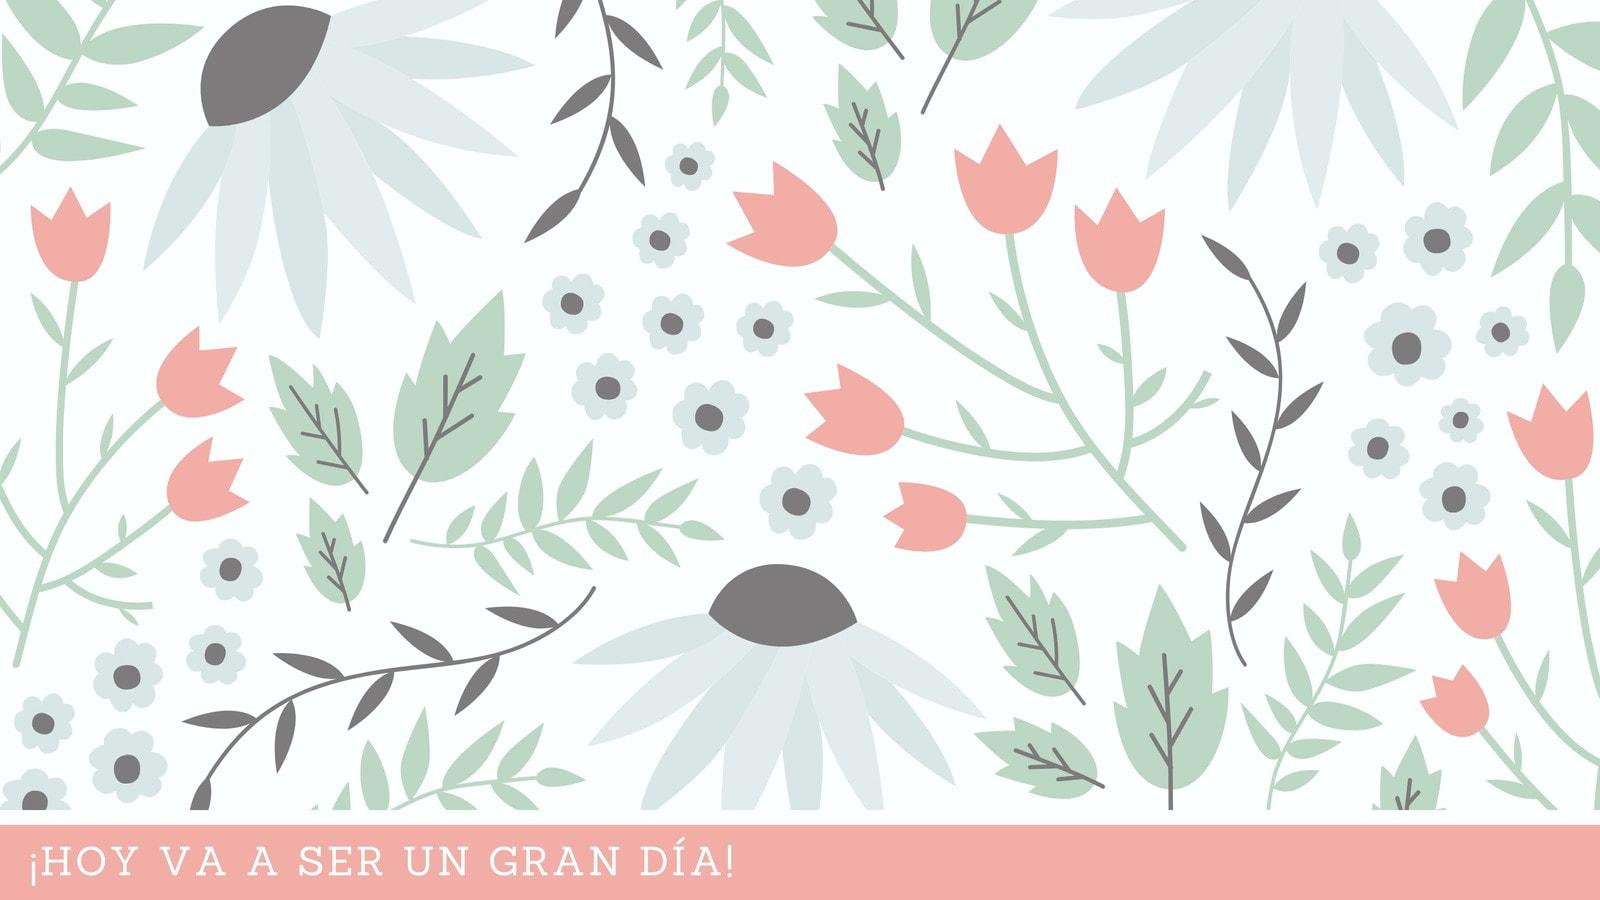 Rosa Verde Pastel Flores Hojas Ilustración Creativo Fondo de Pantalla